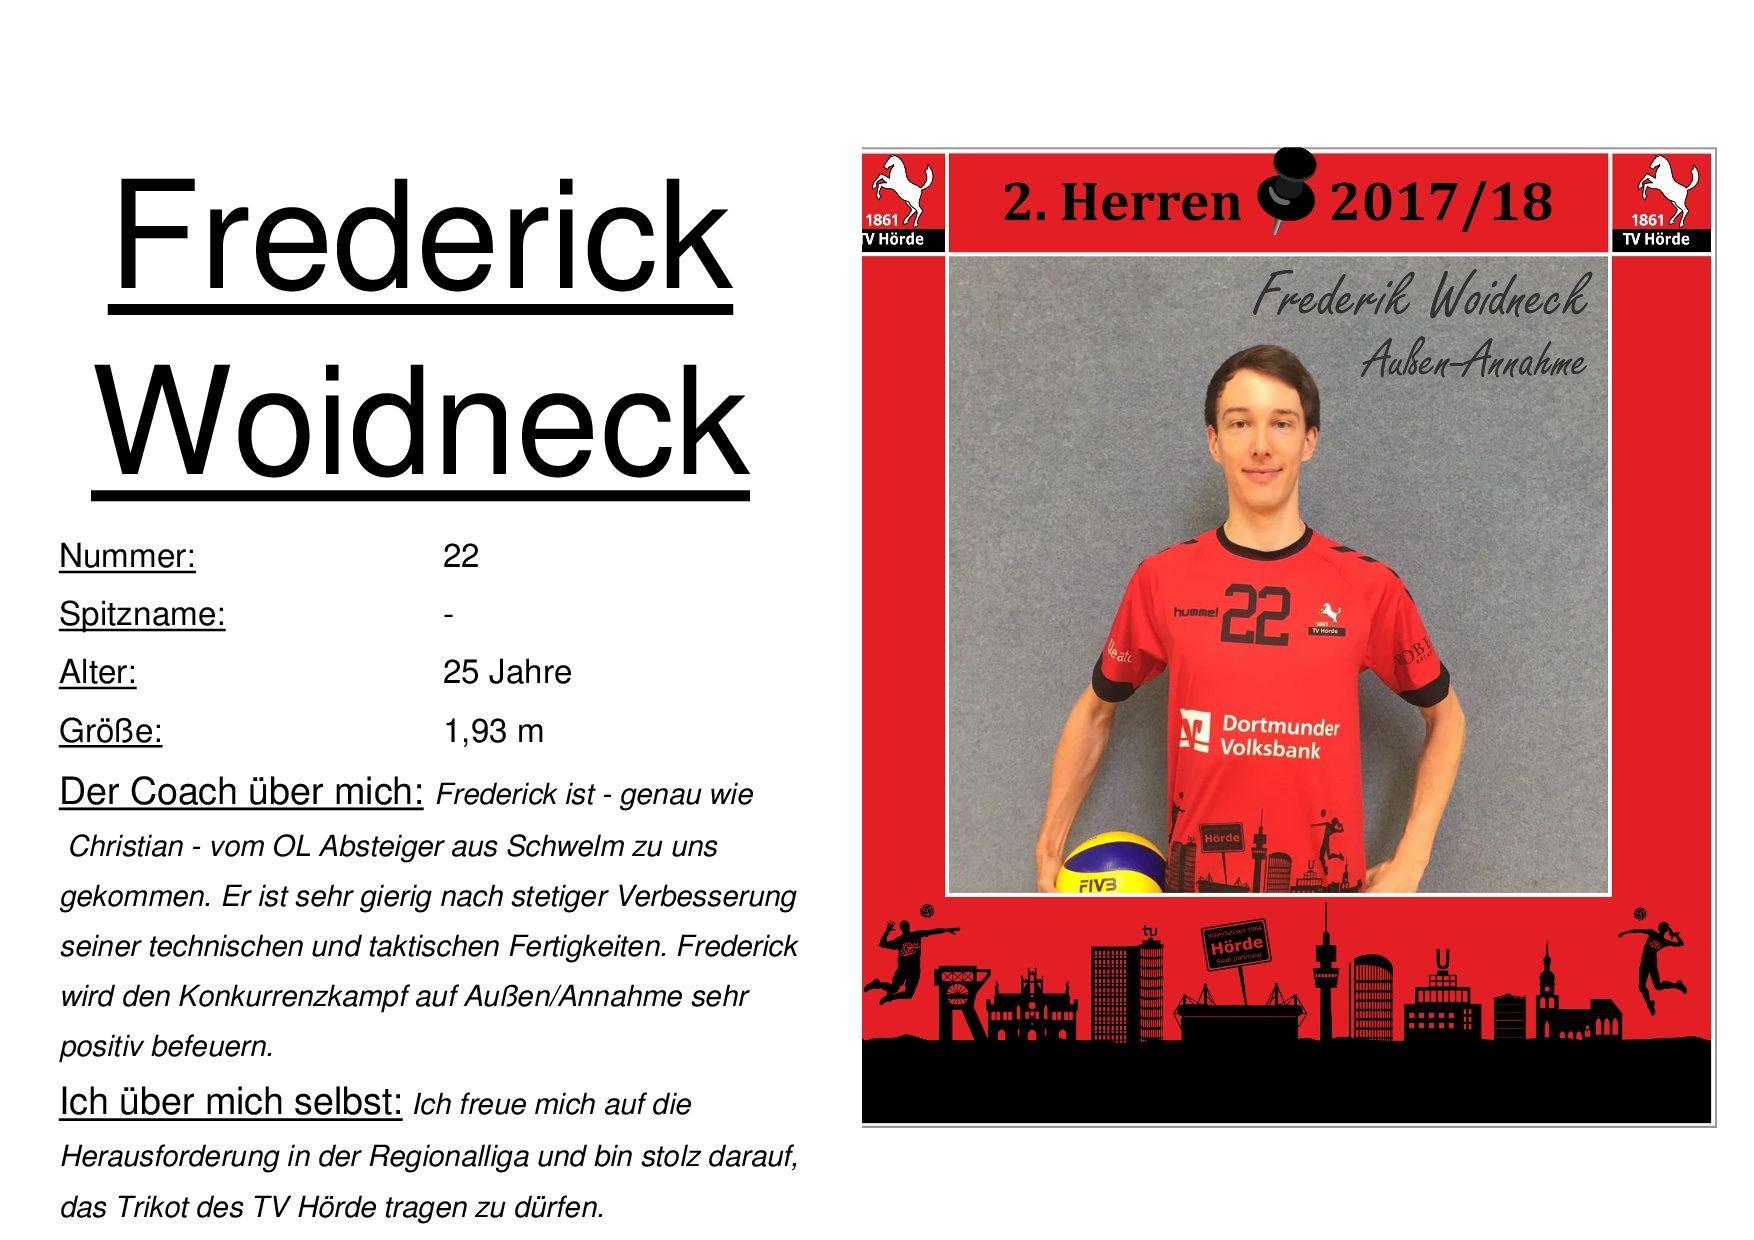 Frederick Woidneck